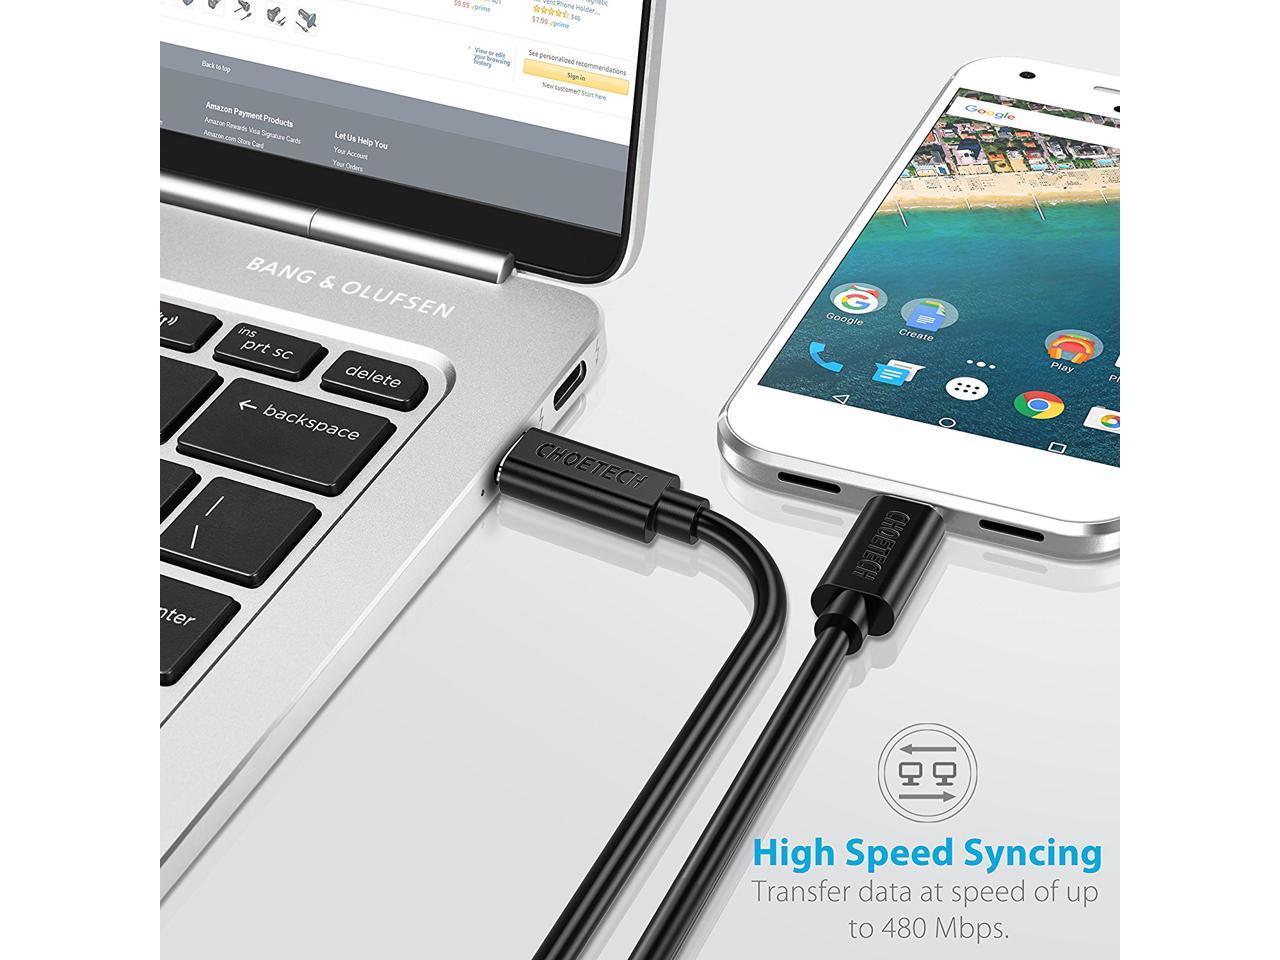 Dây cáp sạc nhanh Type-C dài 100cm hiệu CHOETECH CC002 Type C to Type C PD cho Smartphone / Tablet / Macbook / Laptop Type C (3A, công suất 60W, truyền data tốc độ cao) - Hàng chính hãng